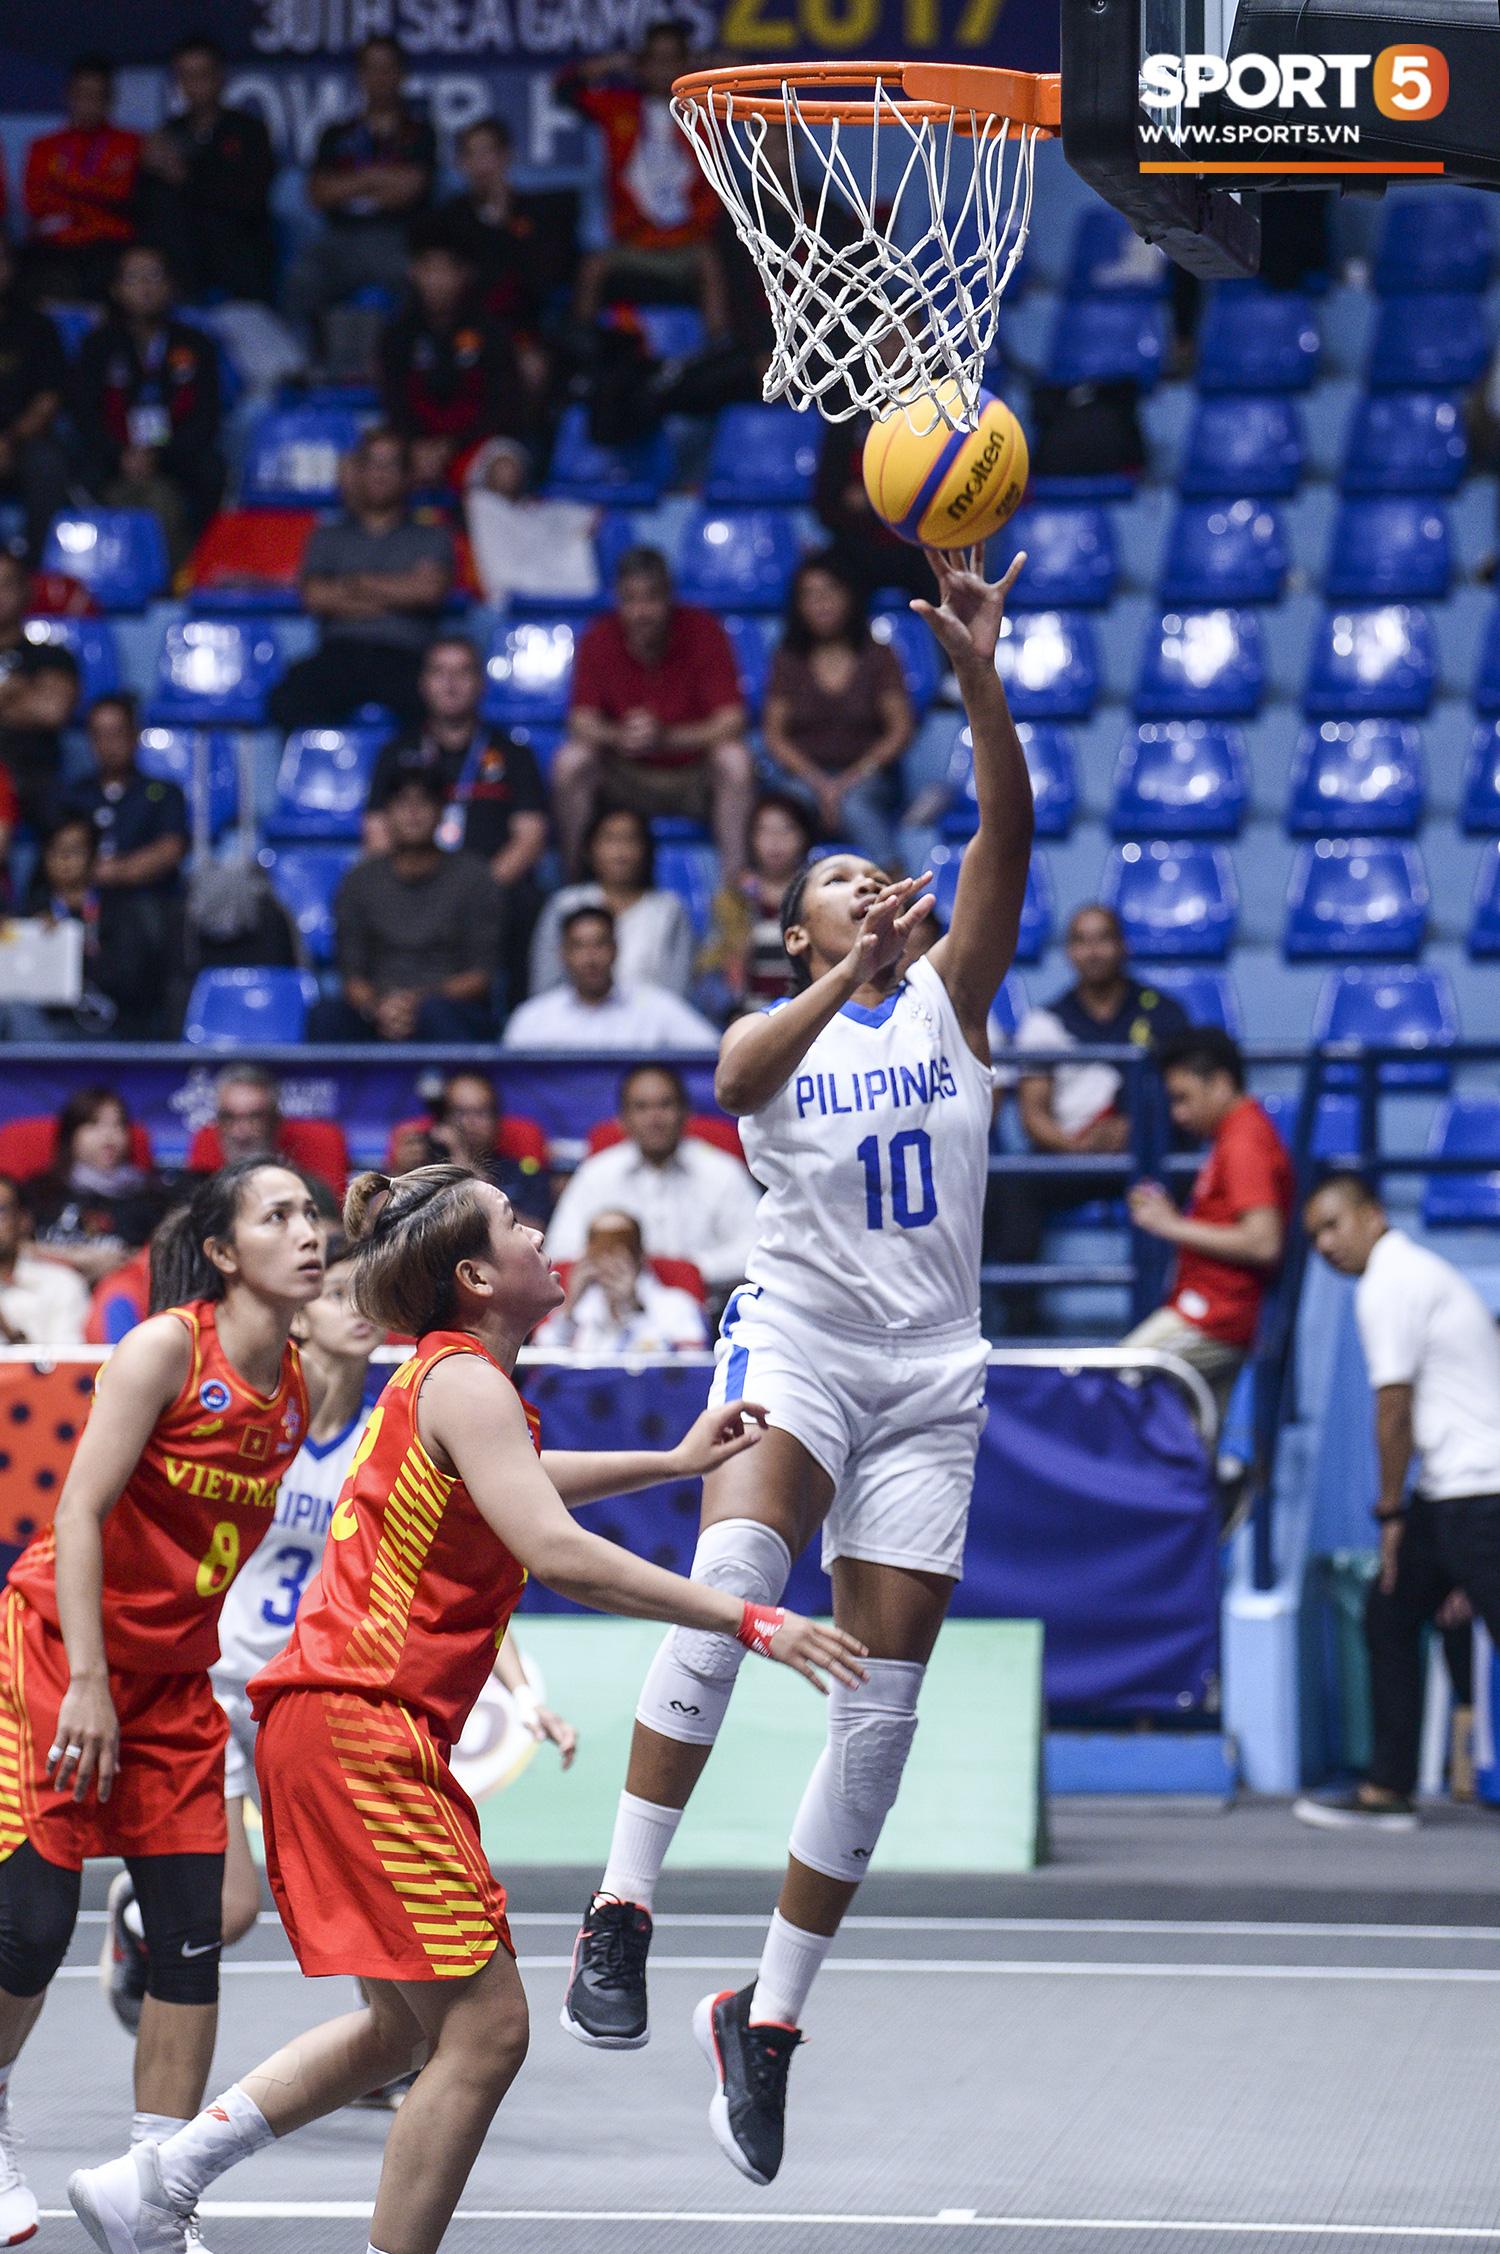 Nỗ lực hết mình nhưng vẫn không thể tạo nên bất ngờ trước Philippines, đội tuyển nữ Việt Nam vẫn còn cơ hội cạnh tranh huy chương đồng tại SEA Games 30 - Ảnh 6.